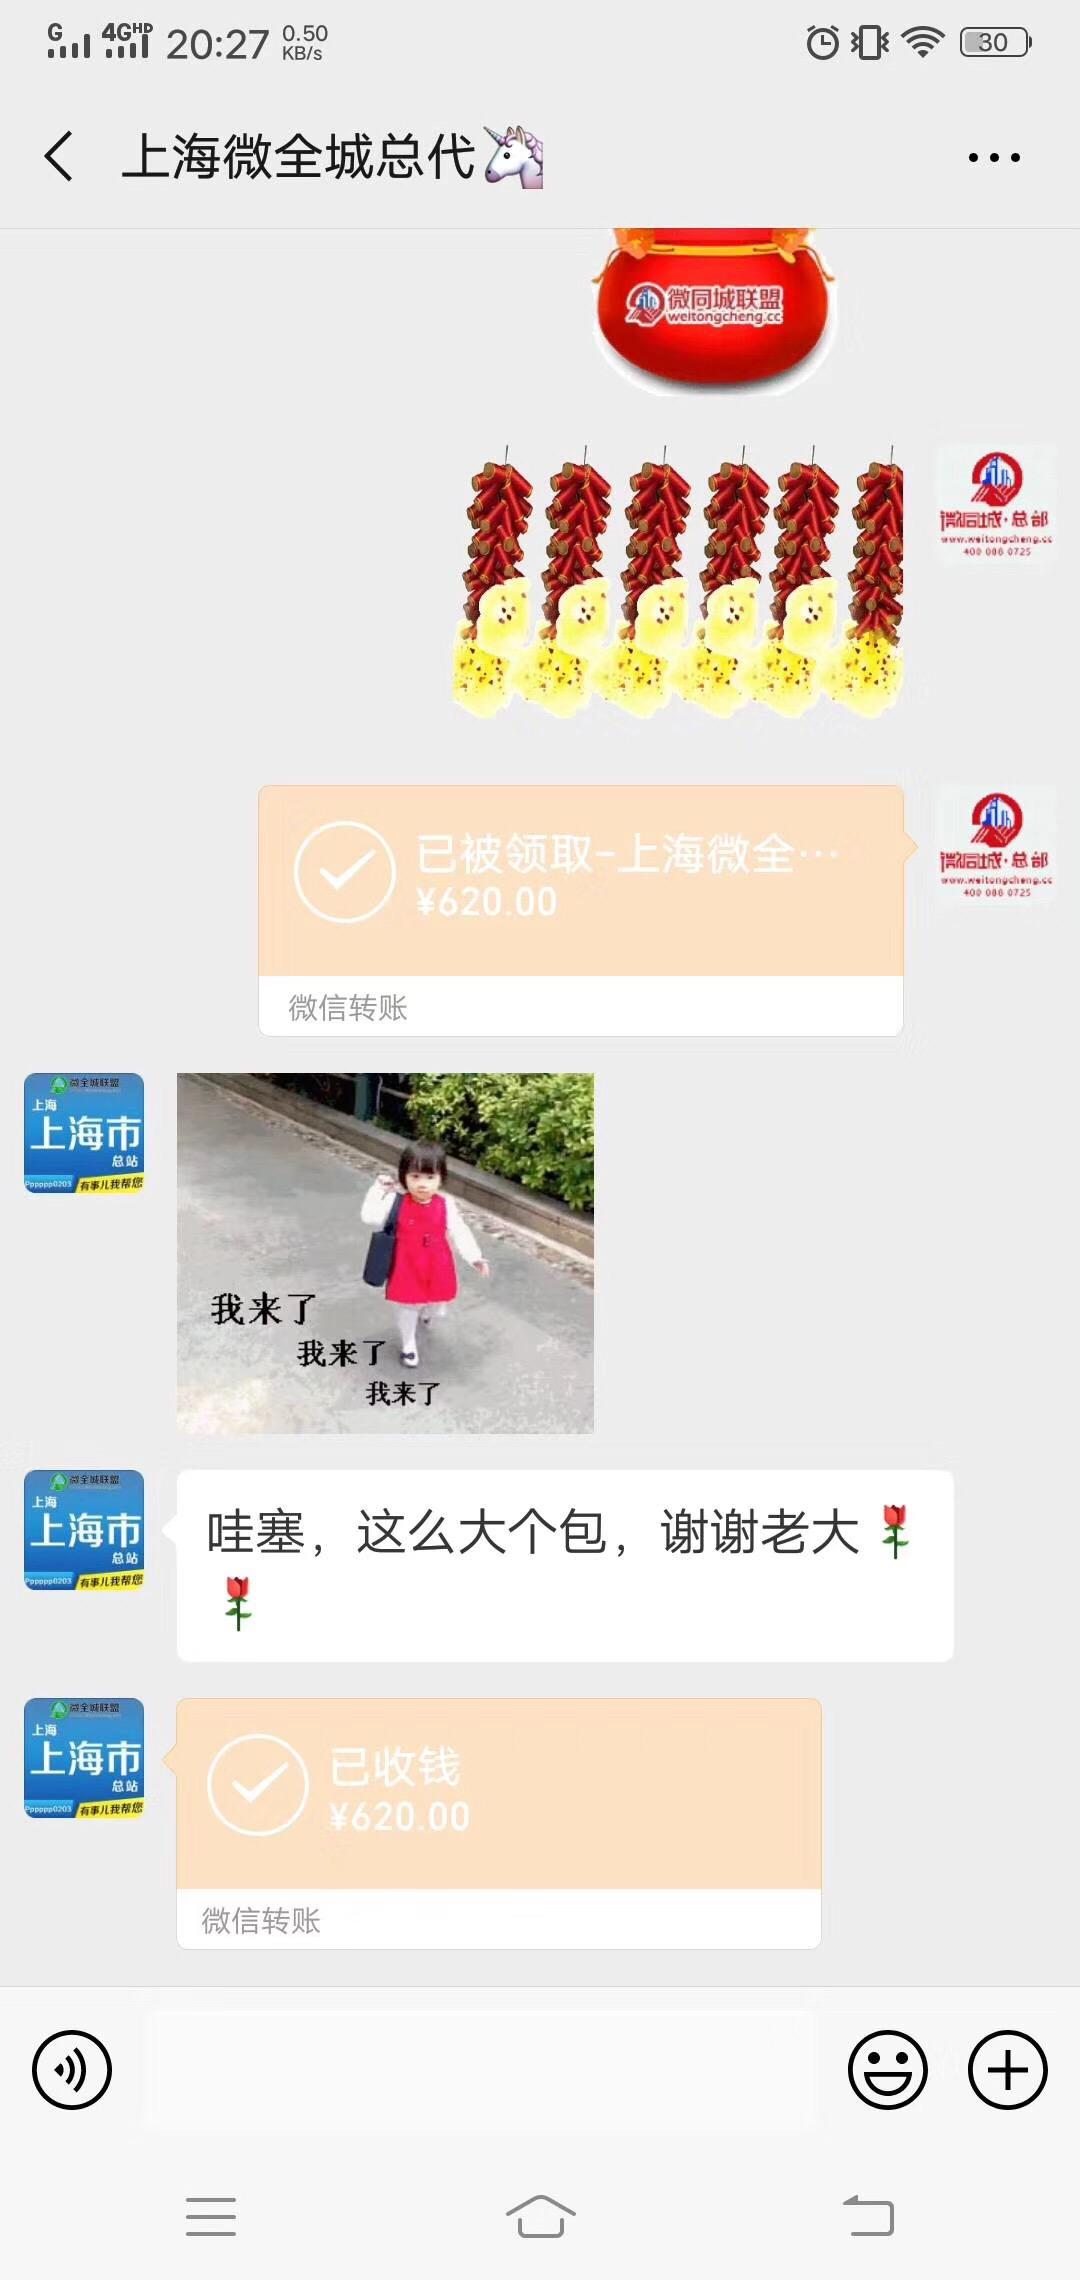 【赚620元】上海微全城微帮总代广告佣金